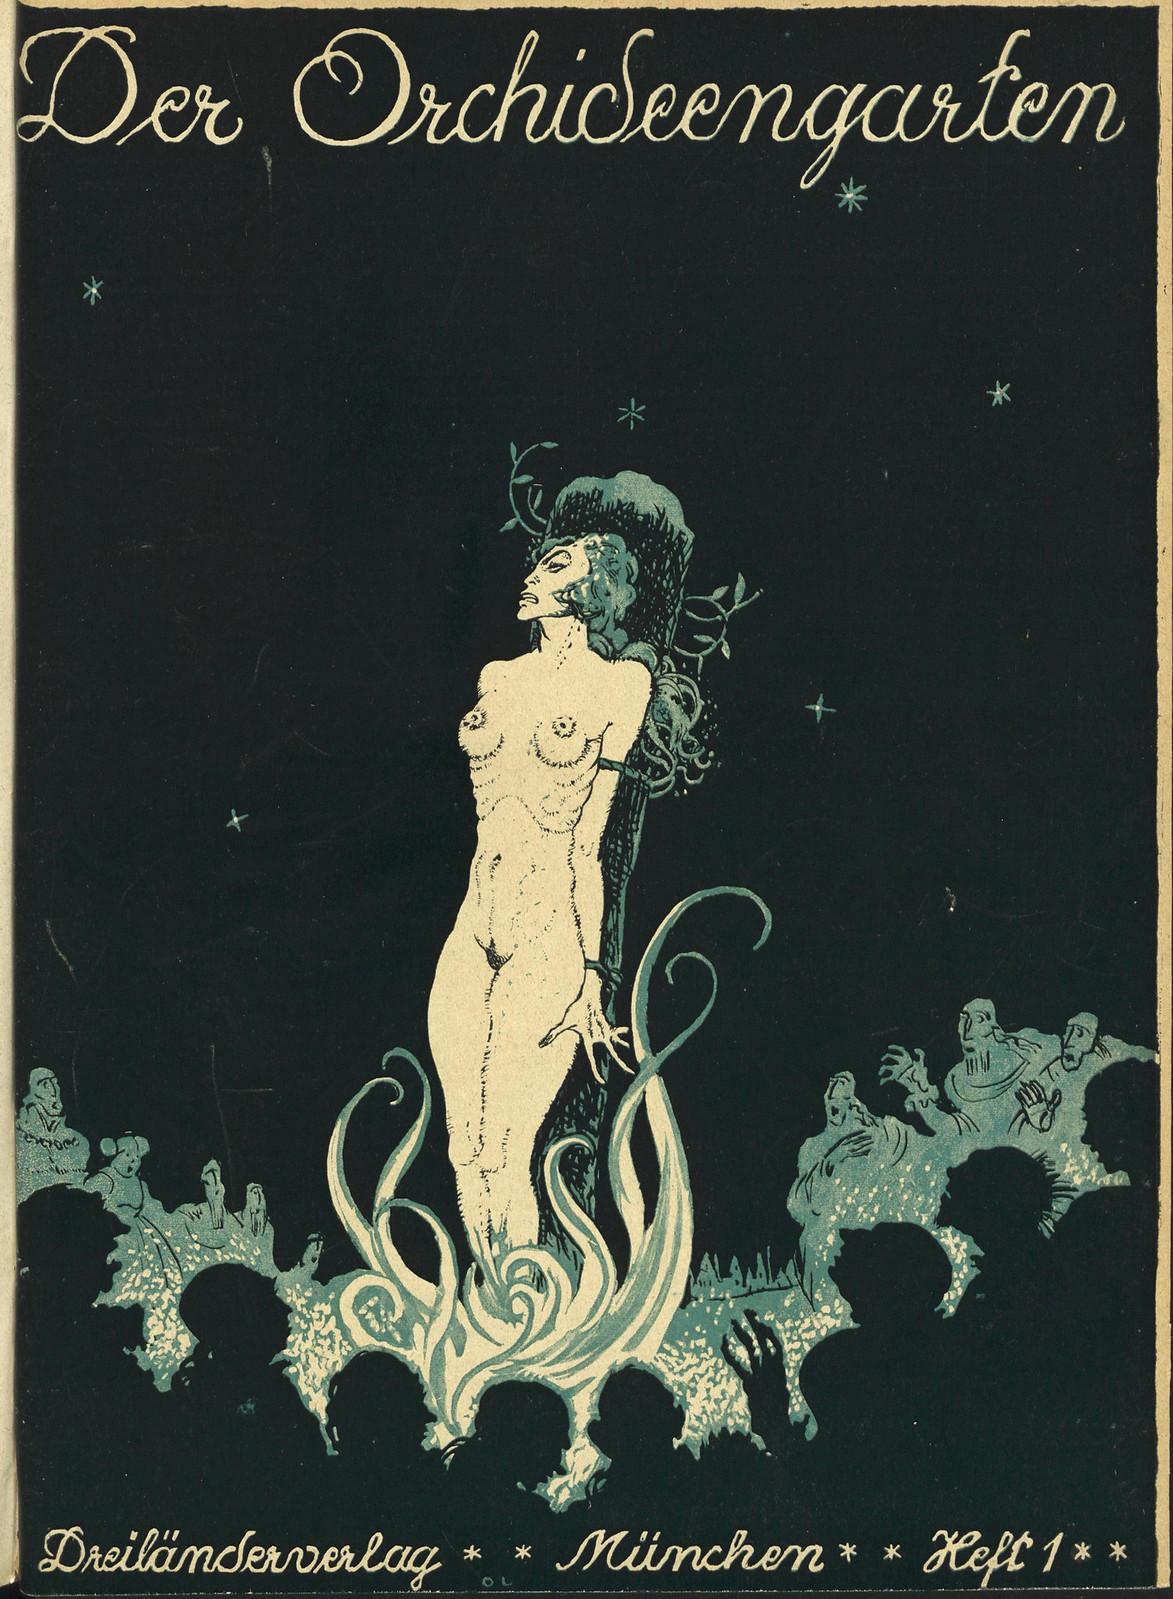 Der Orchideengarten - 1920 (Cover 1)